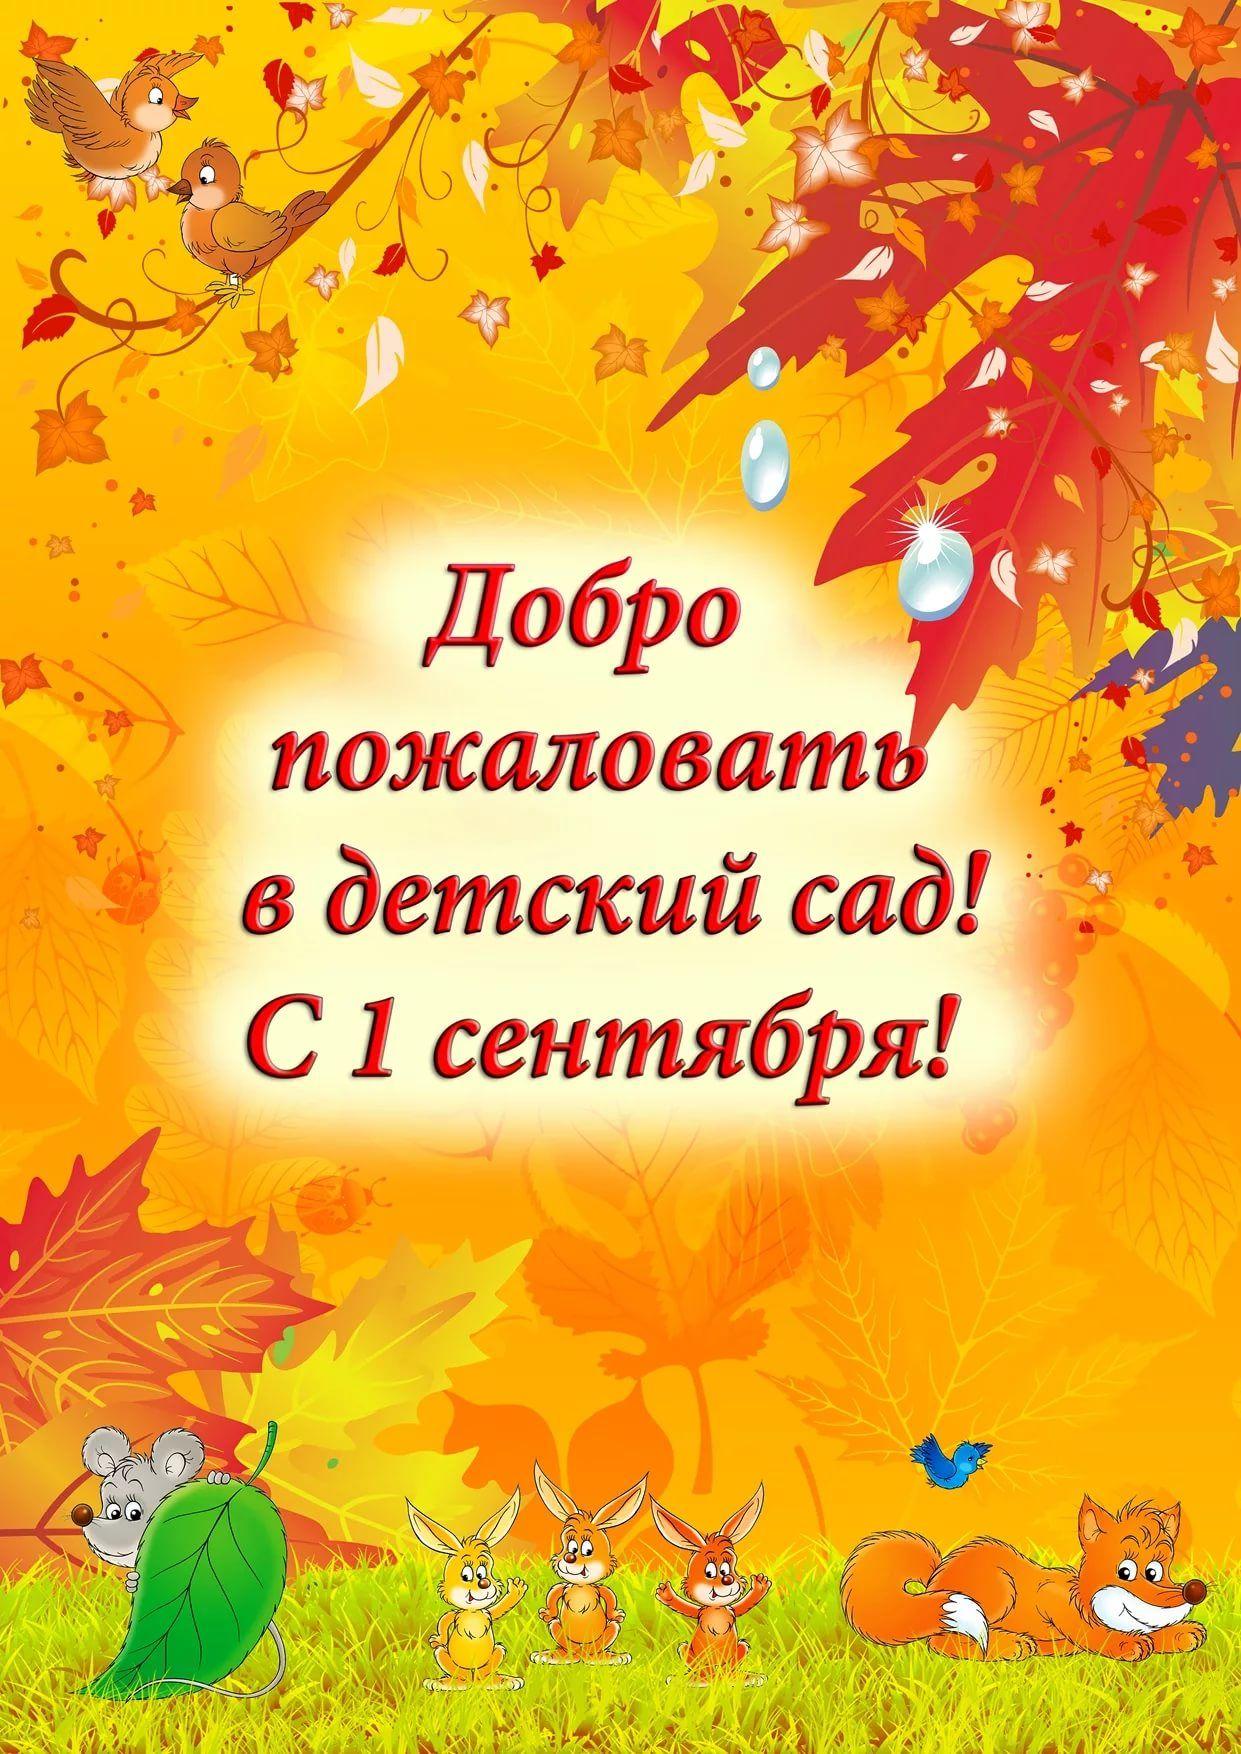 Поздравление с 1 сентября в детском саду